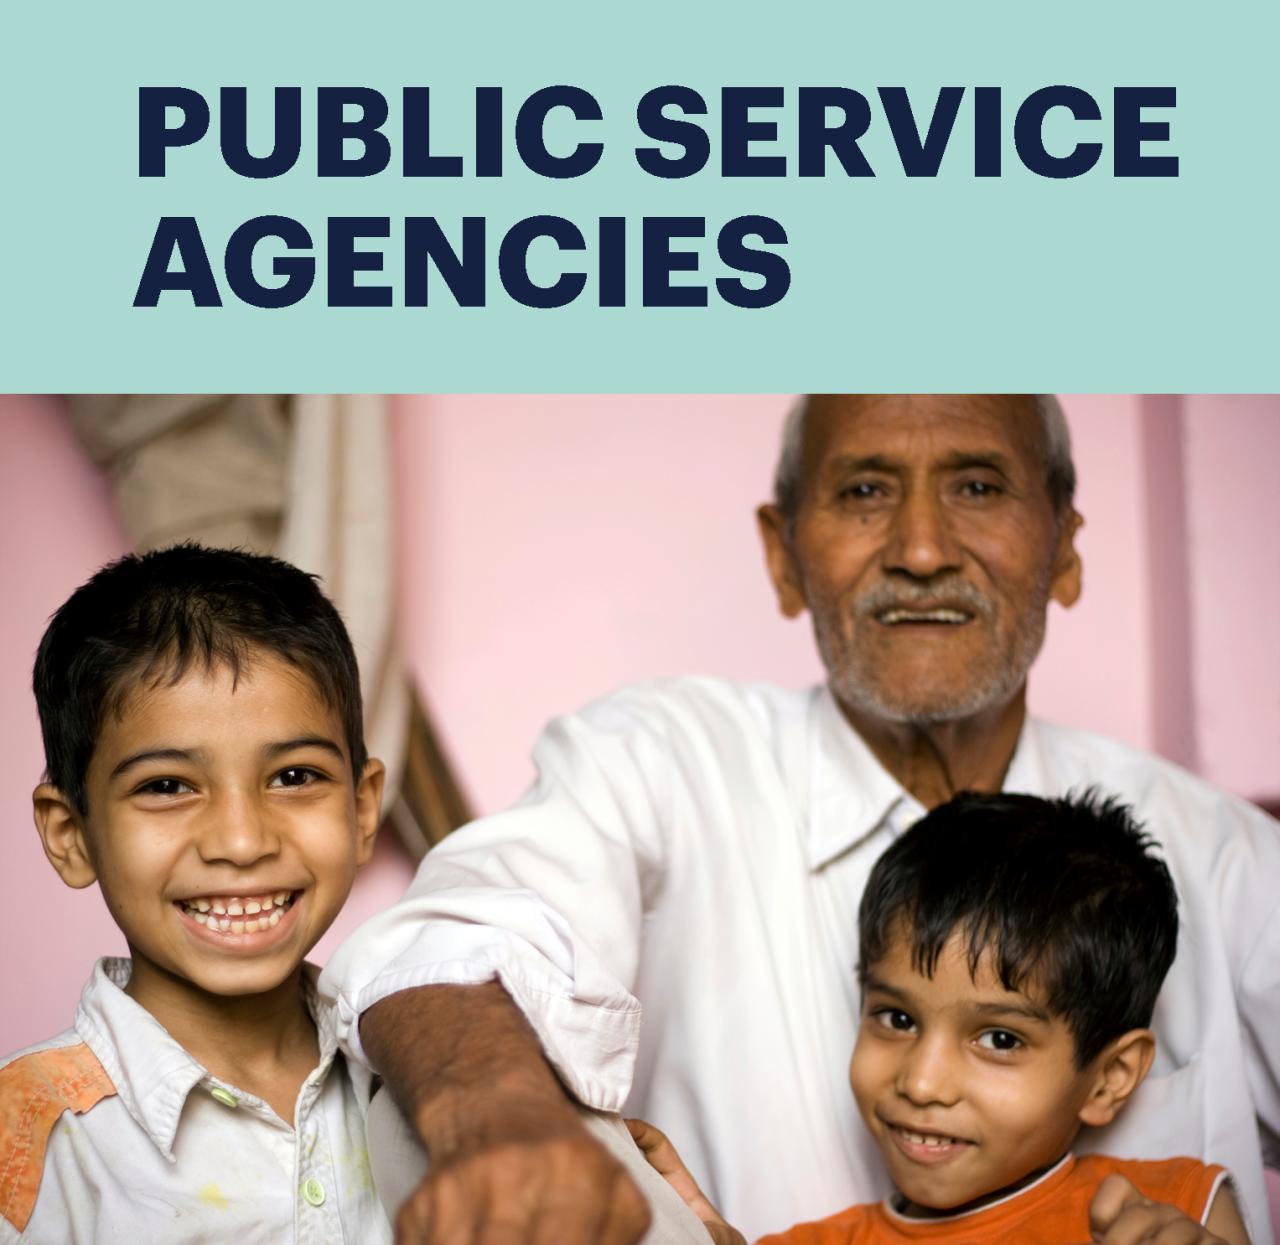 Public Service Agencies